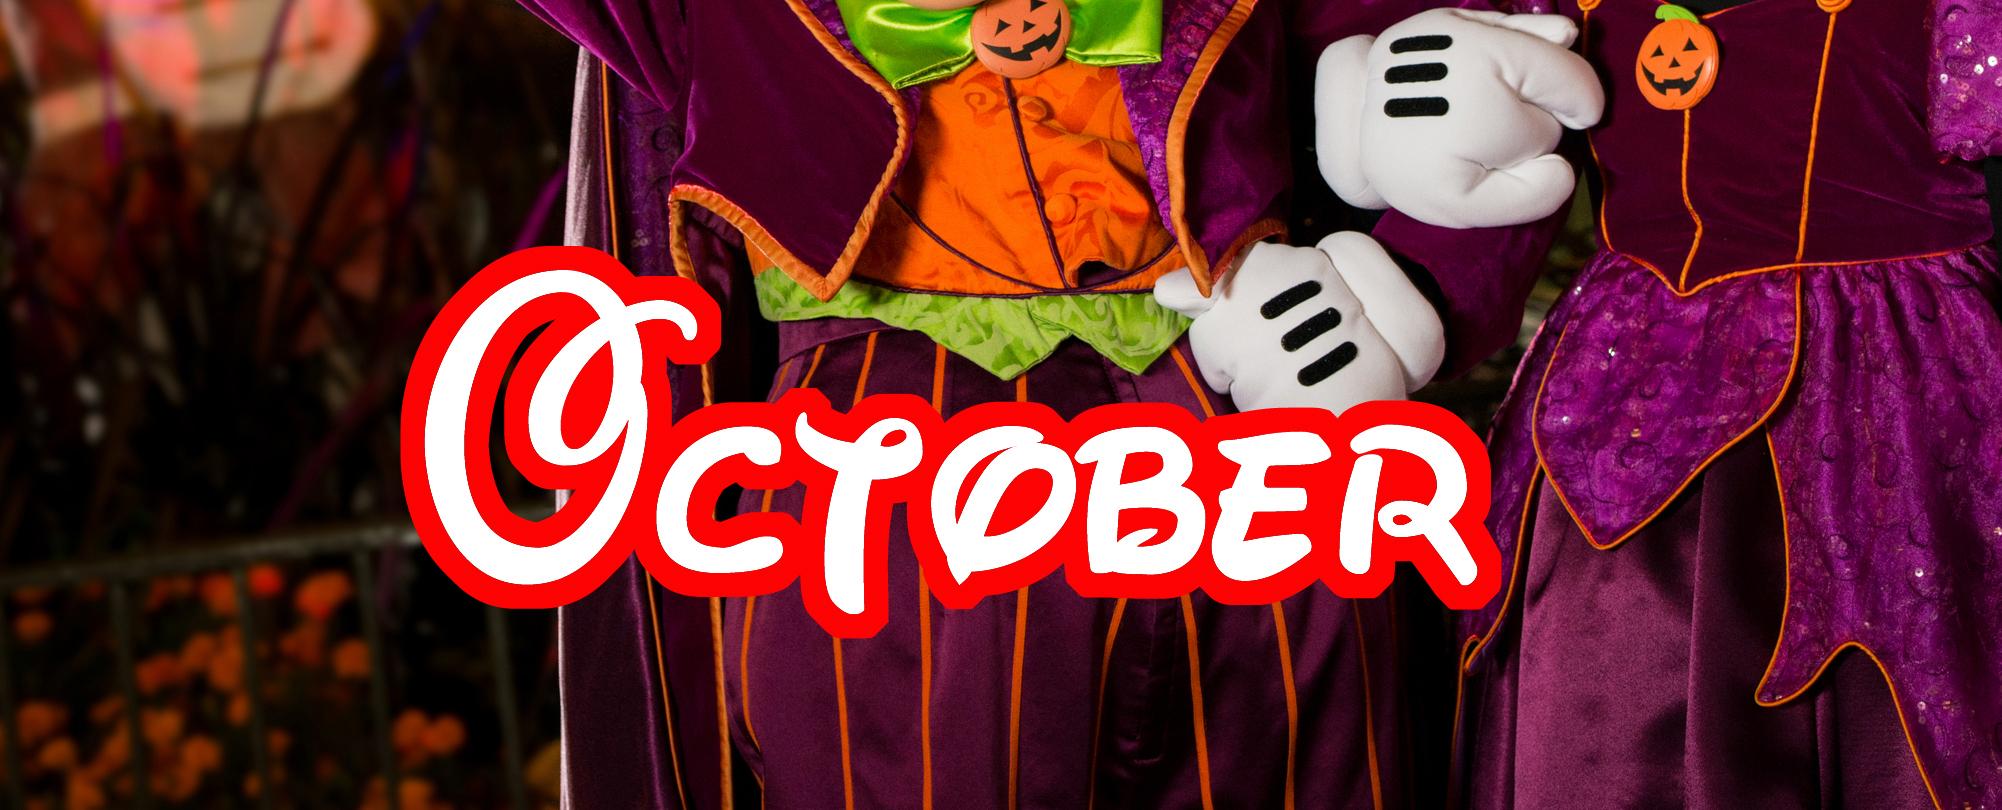 Disney World Vacation Planning October